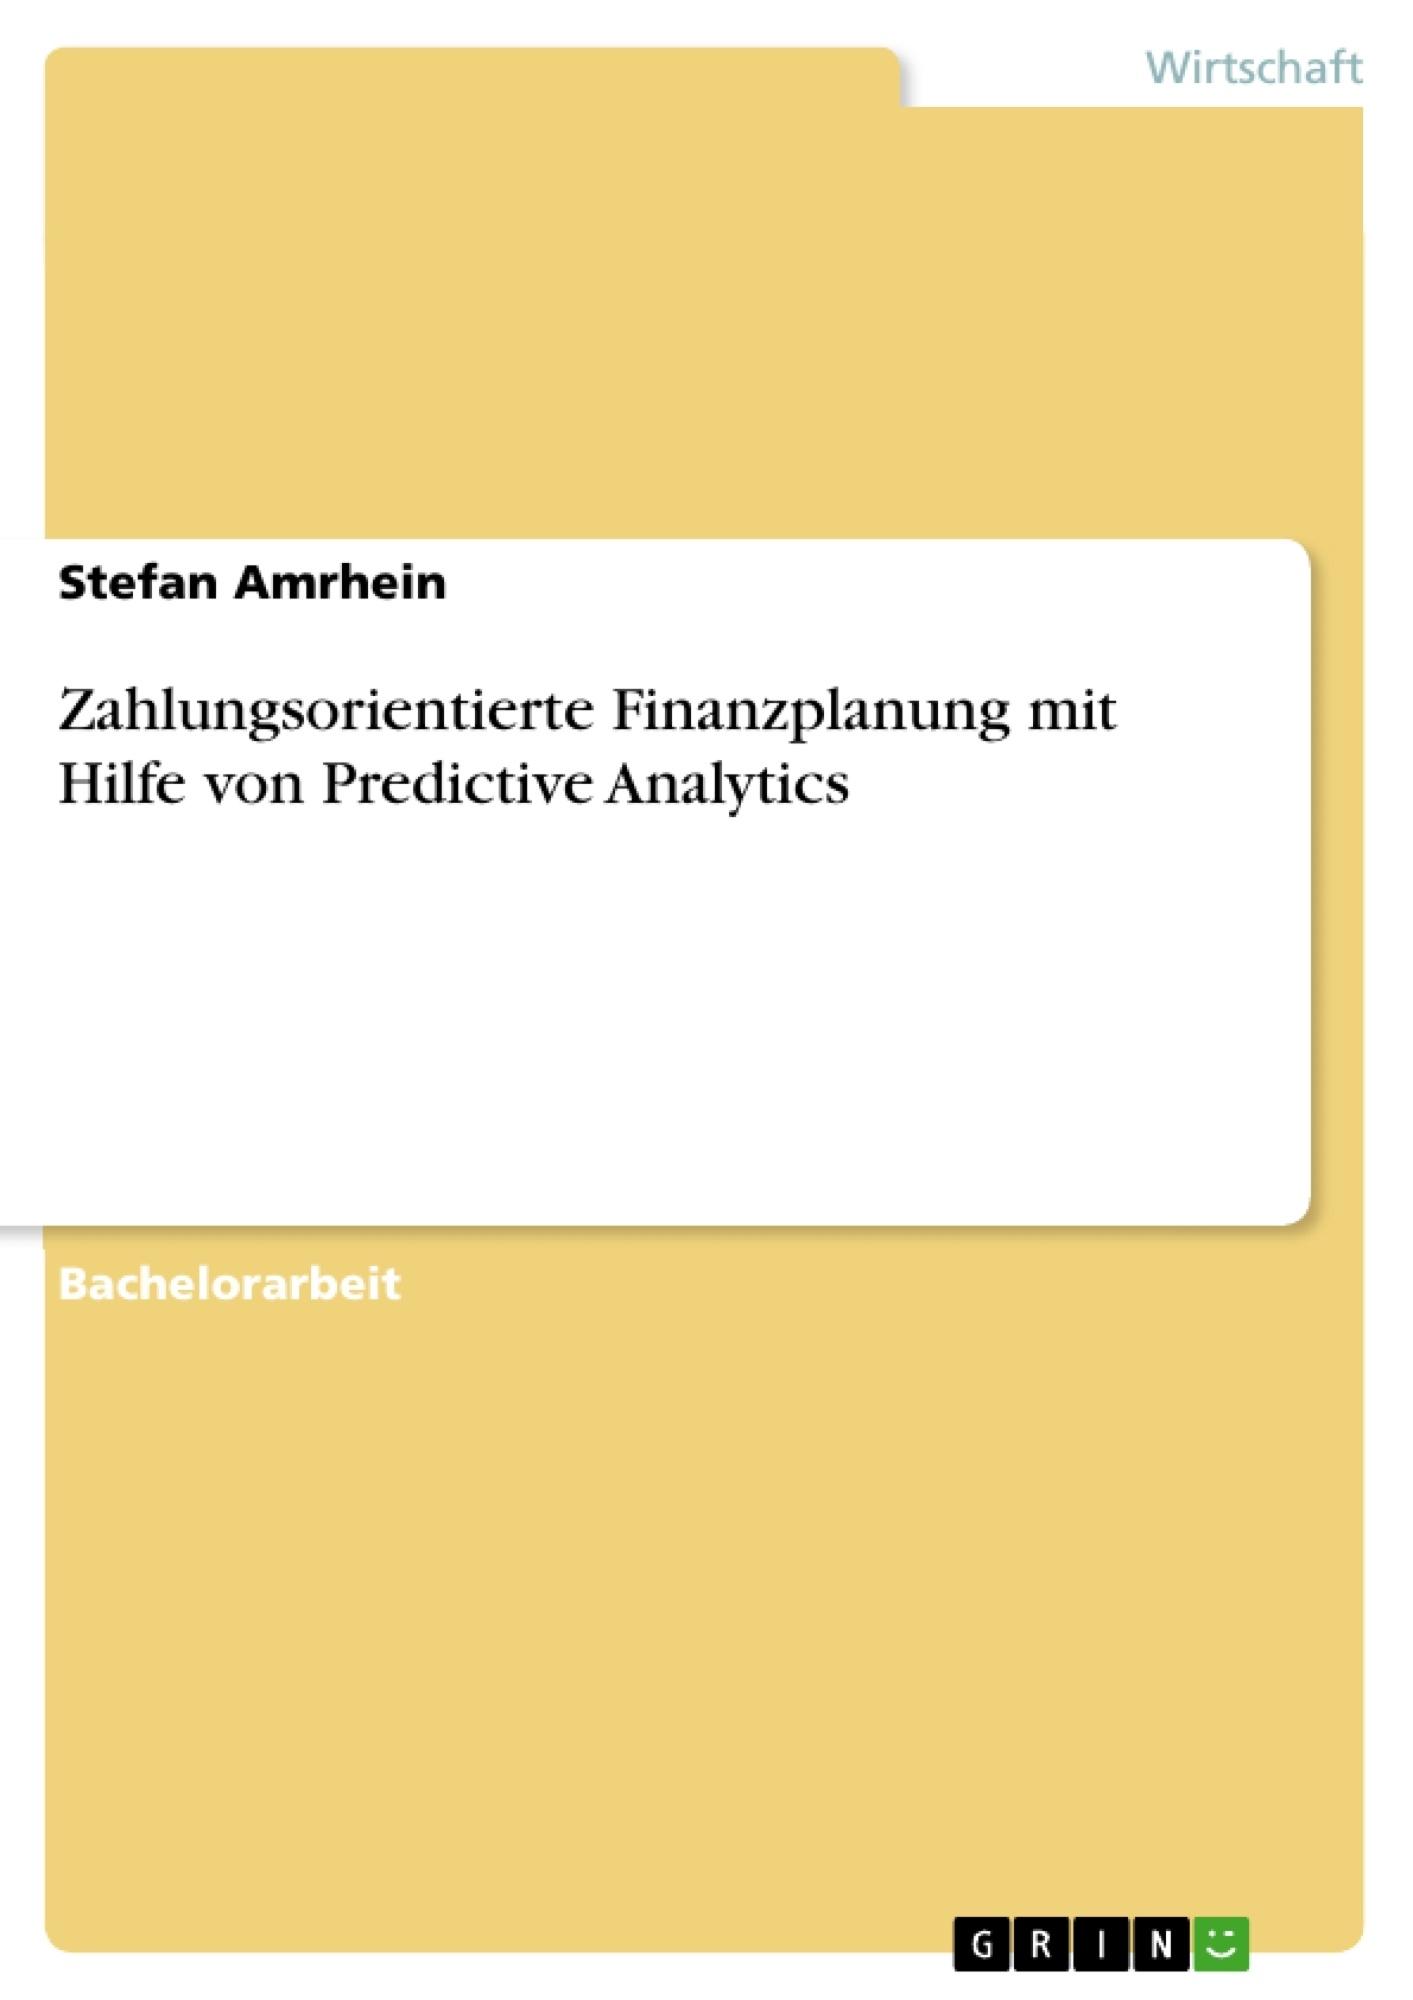 Titel: Zahlungsorientierte Finanzplanung mit Hilfe von Predictive Analytics